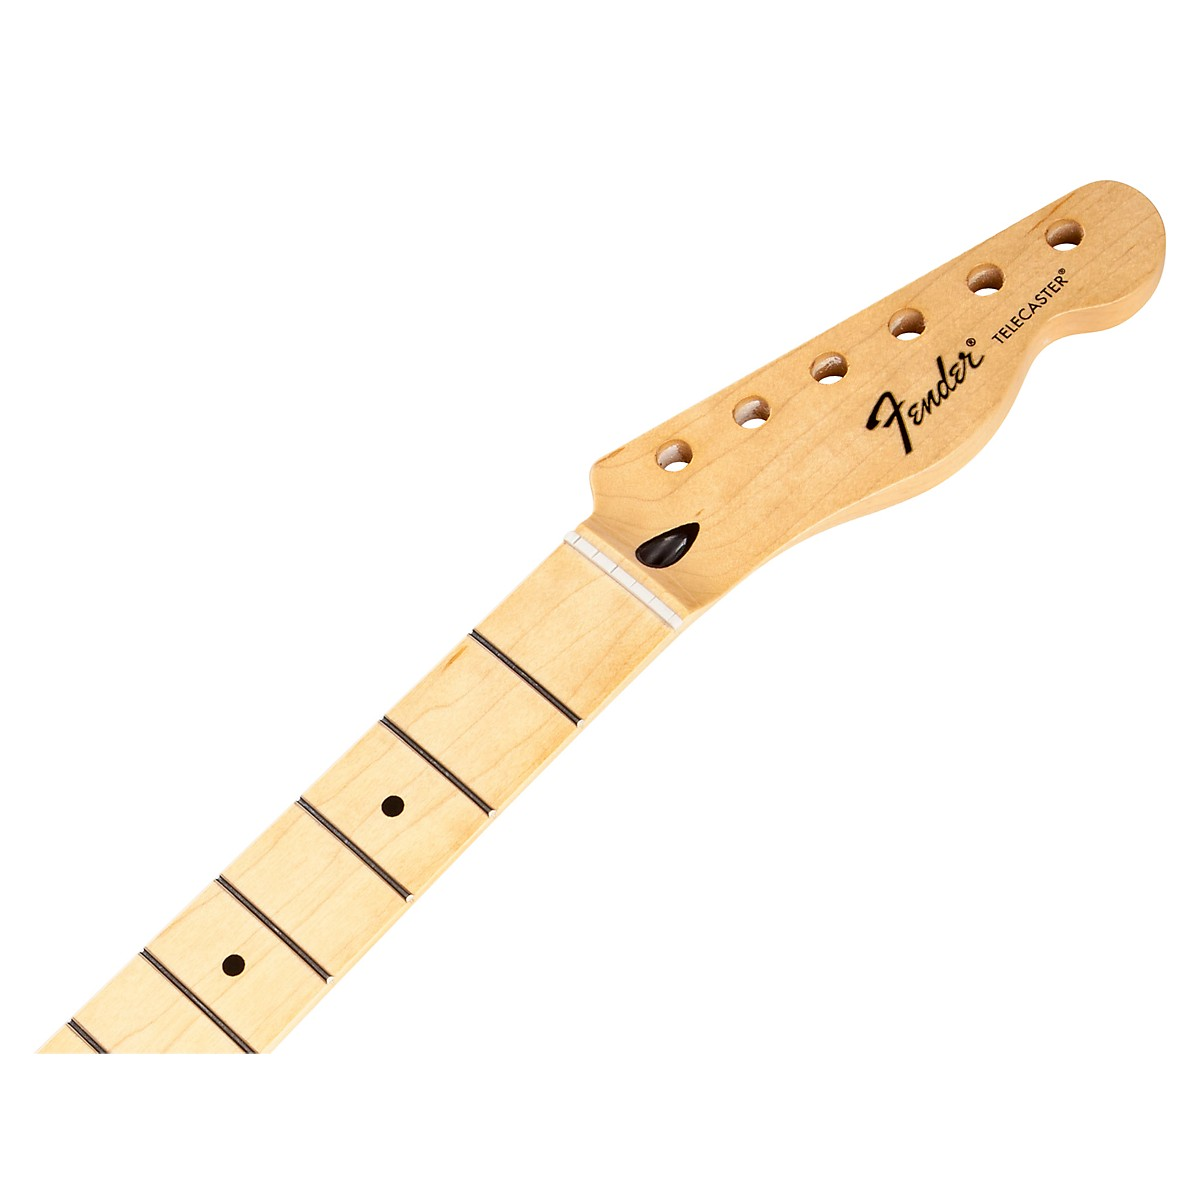 Fender Telecaster Neck, 21 Medium Jumbo Frets